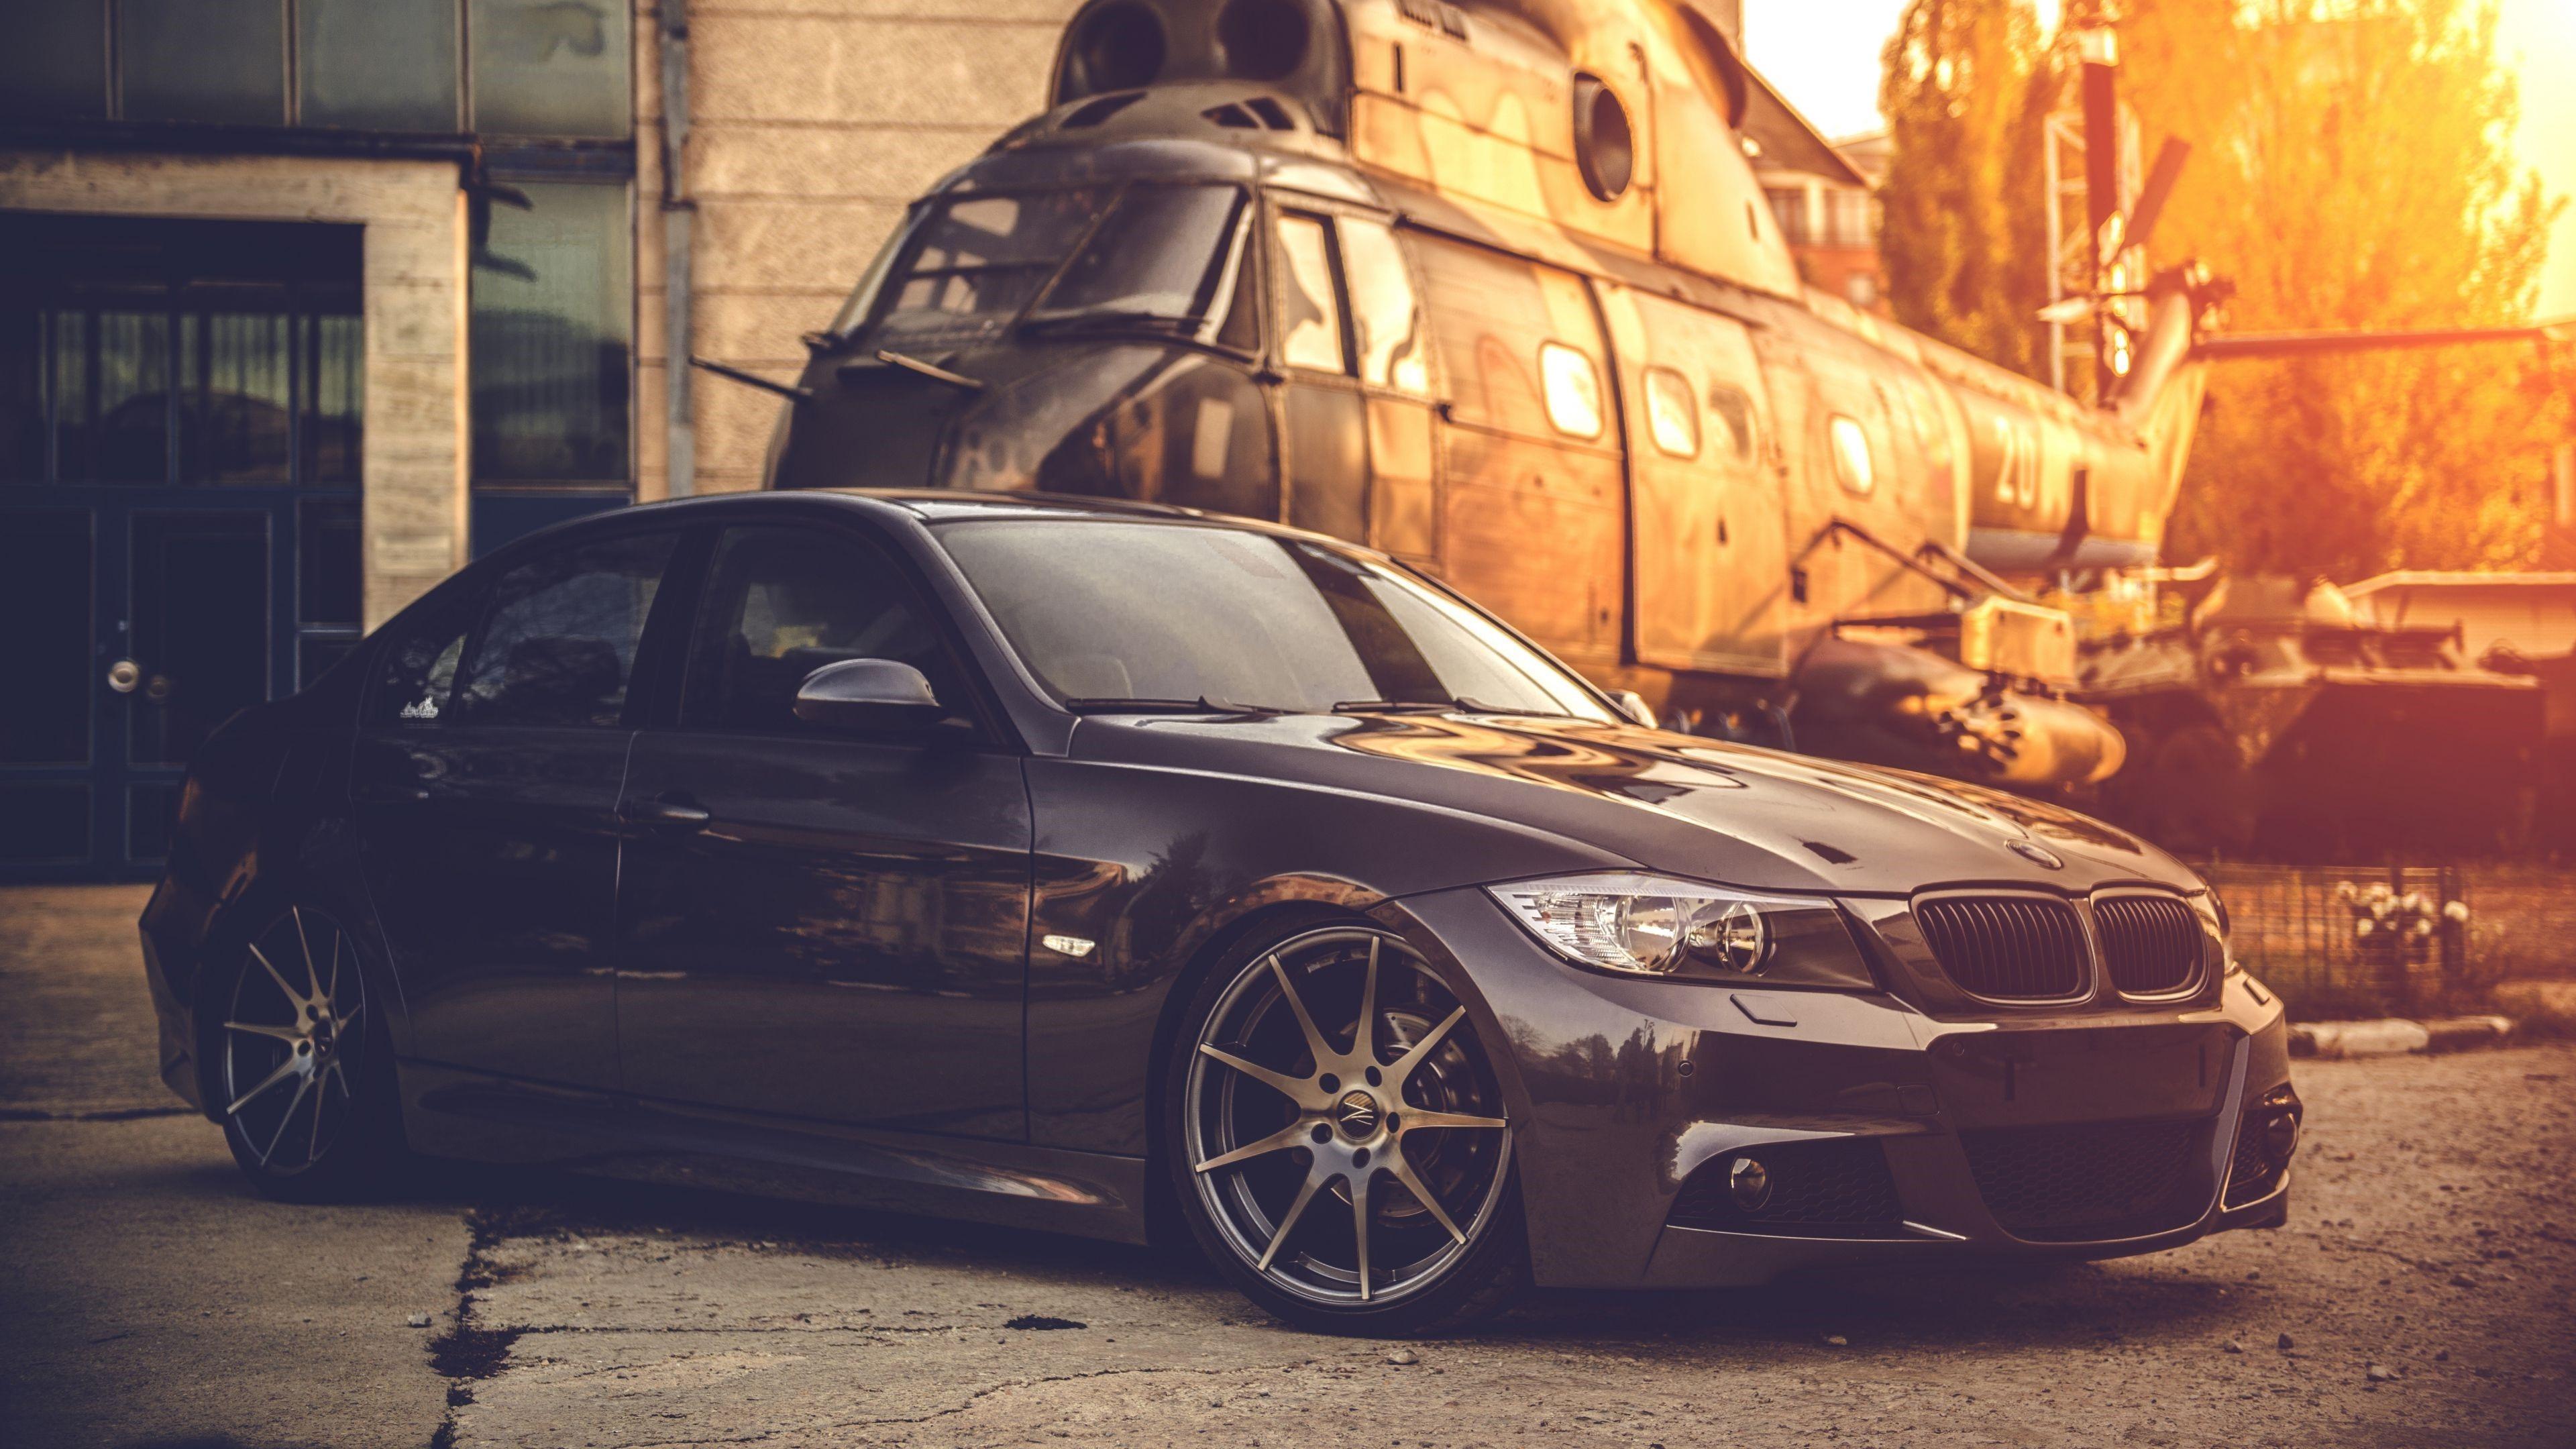 4K BMW Photo